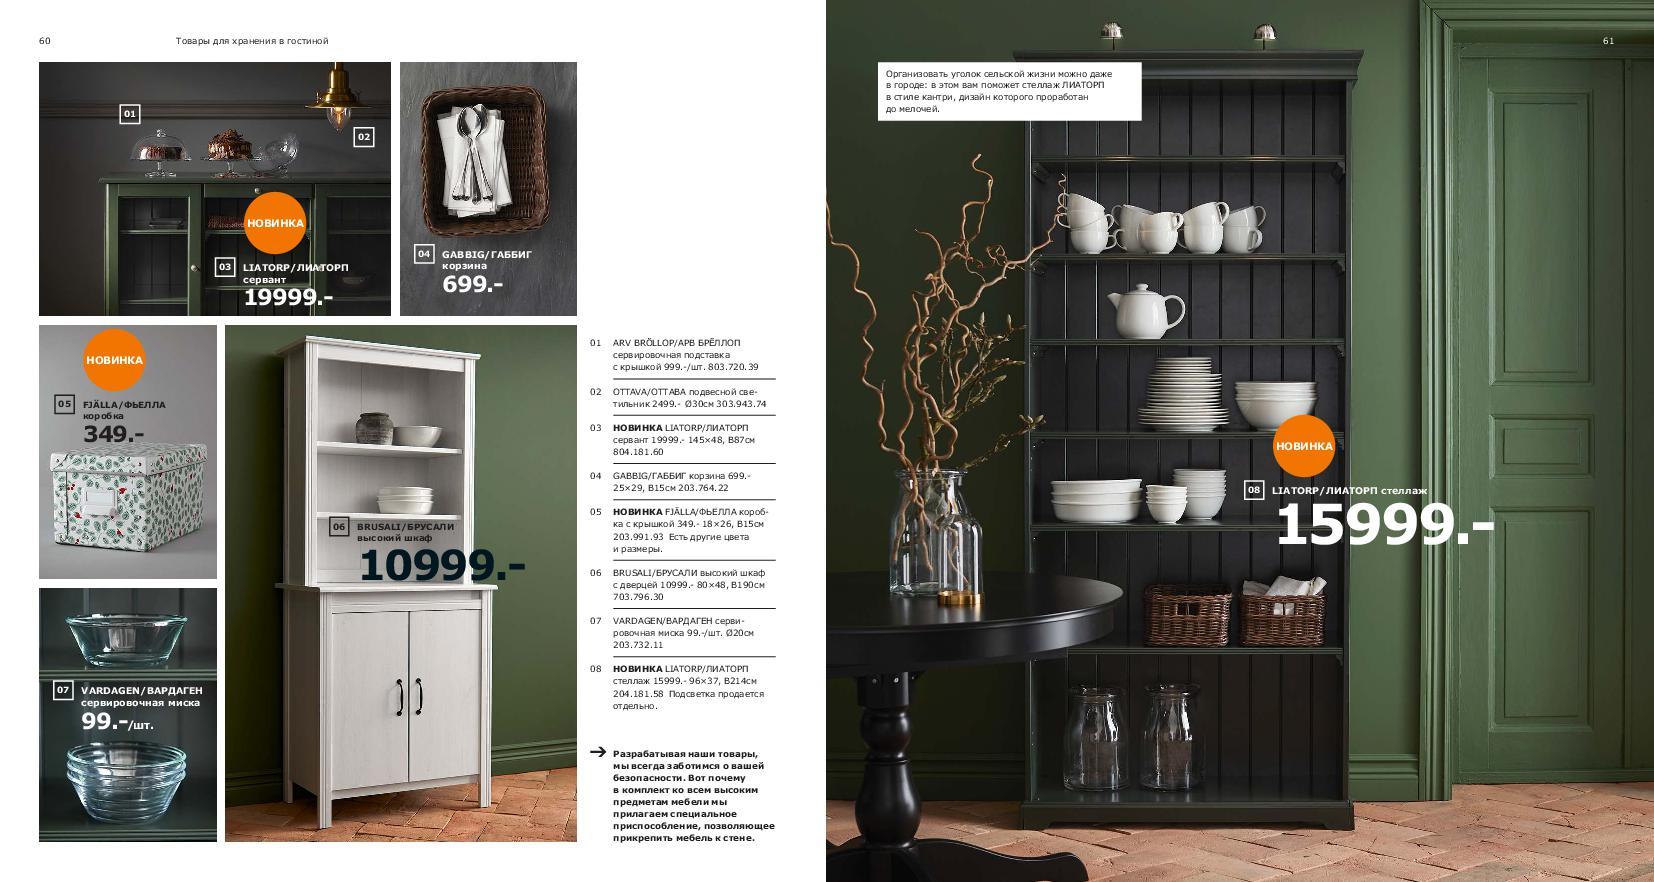 IKEA_catalogue_2019-31